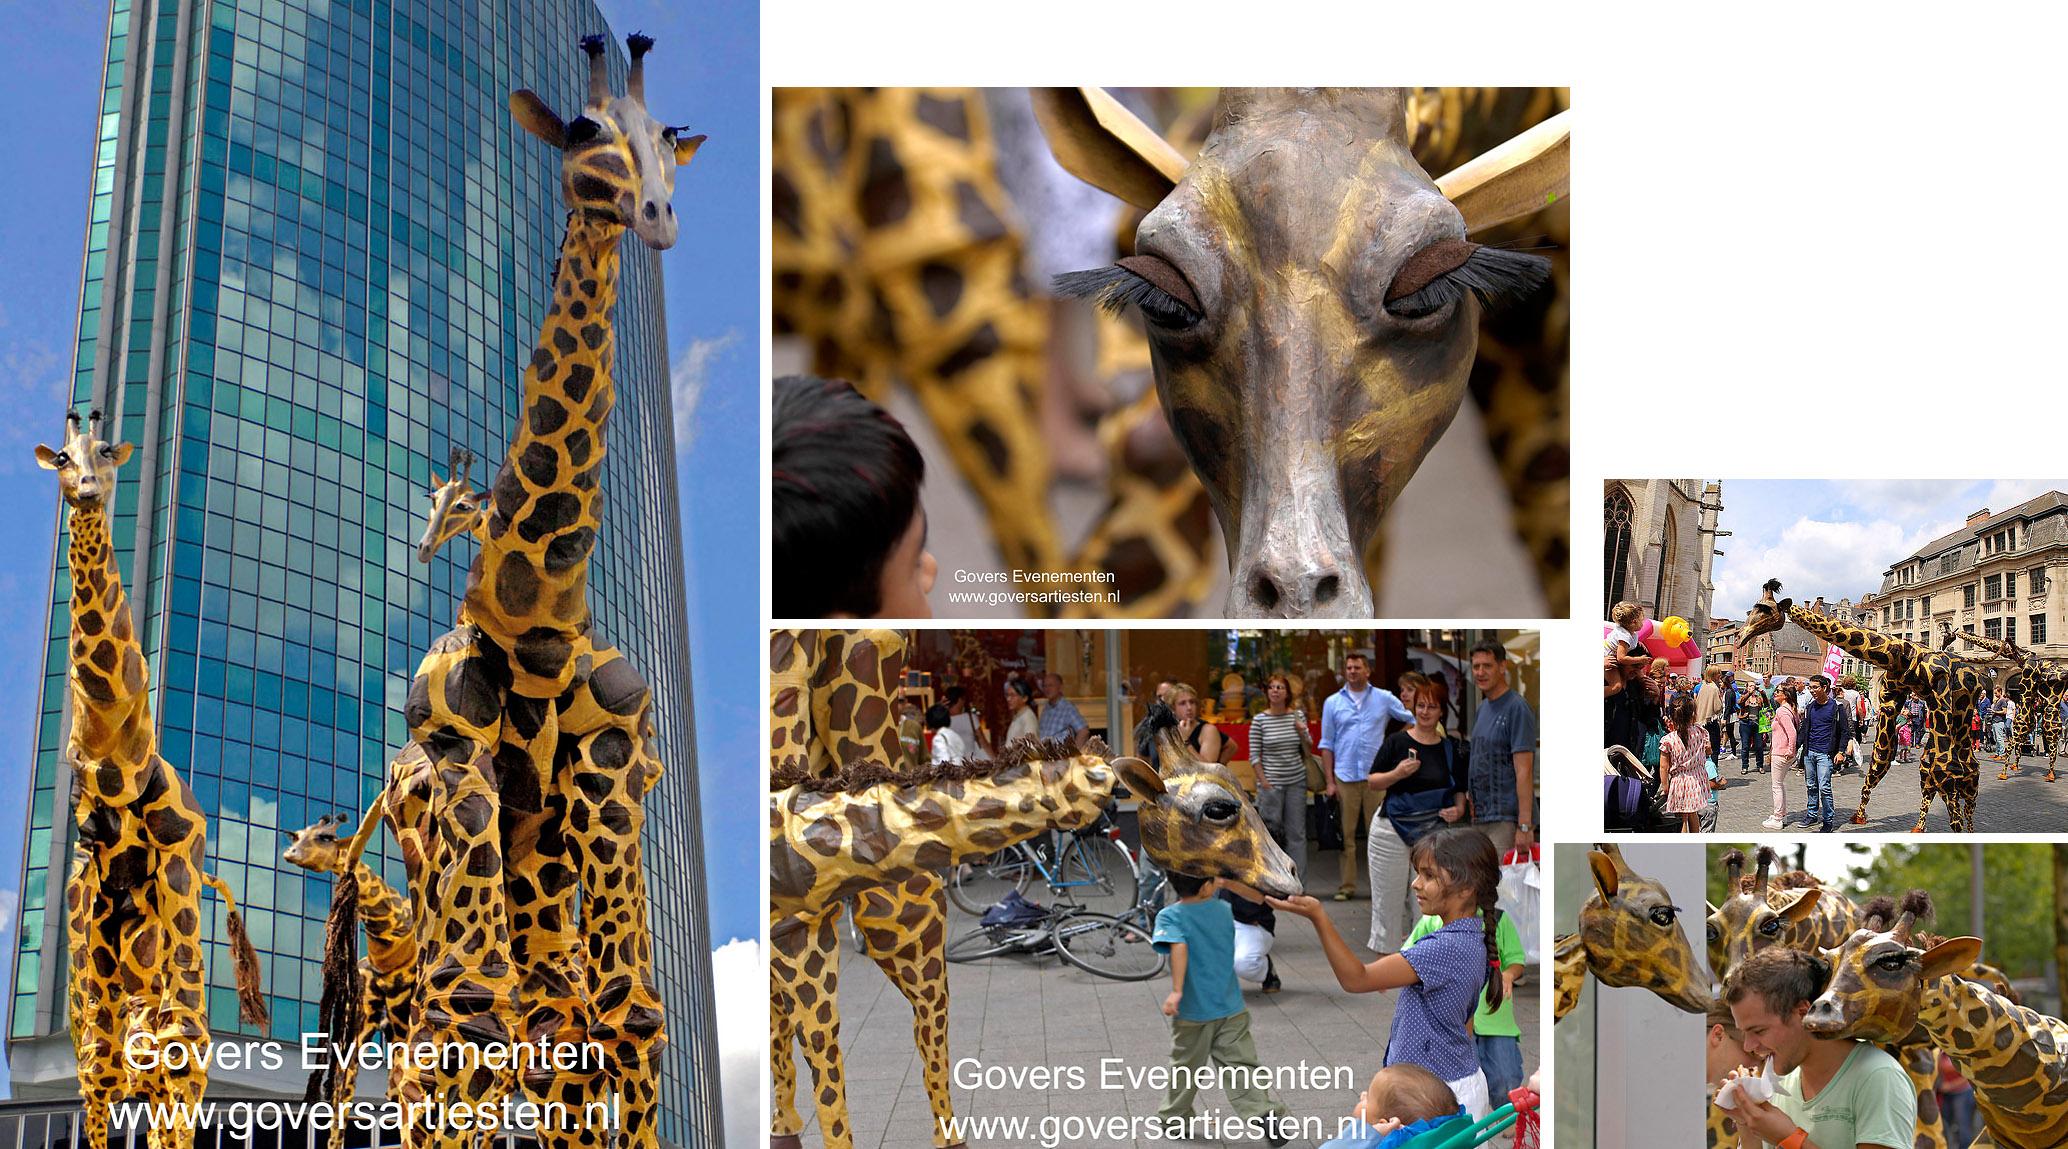 Giraffen, straattheater, steltenact, steltentheater, dierentuin, dieren op stelten, artiesten boeken, theater voor kinderen, Govers Evenementen, www.goversartiesten.nl